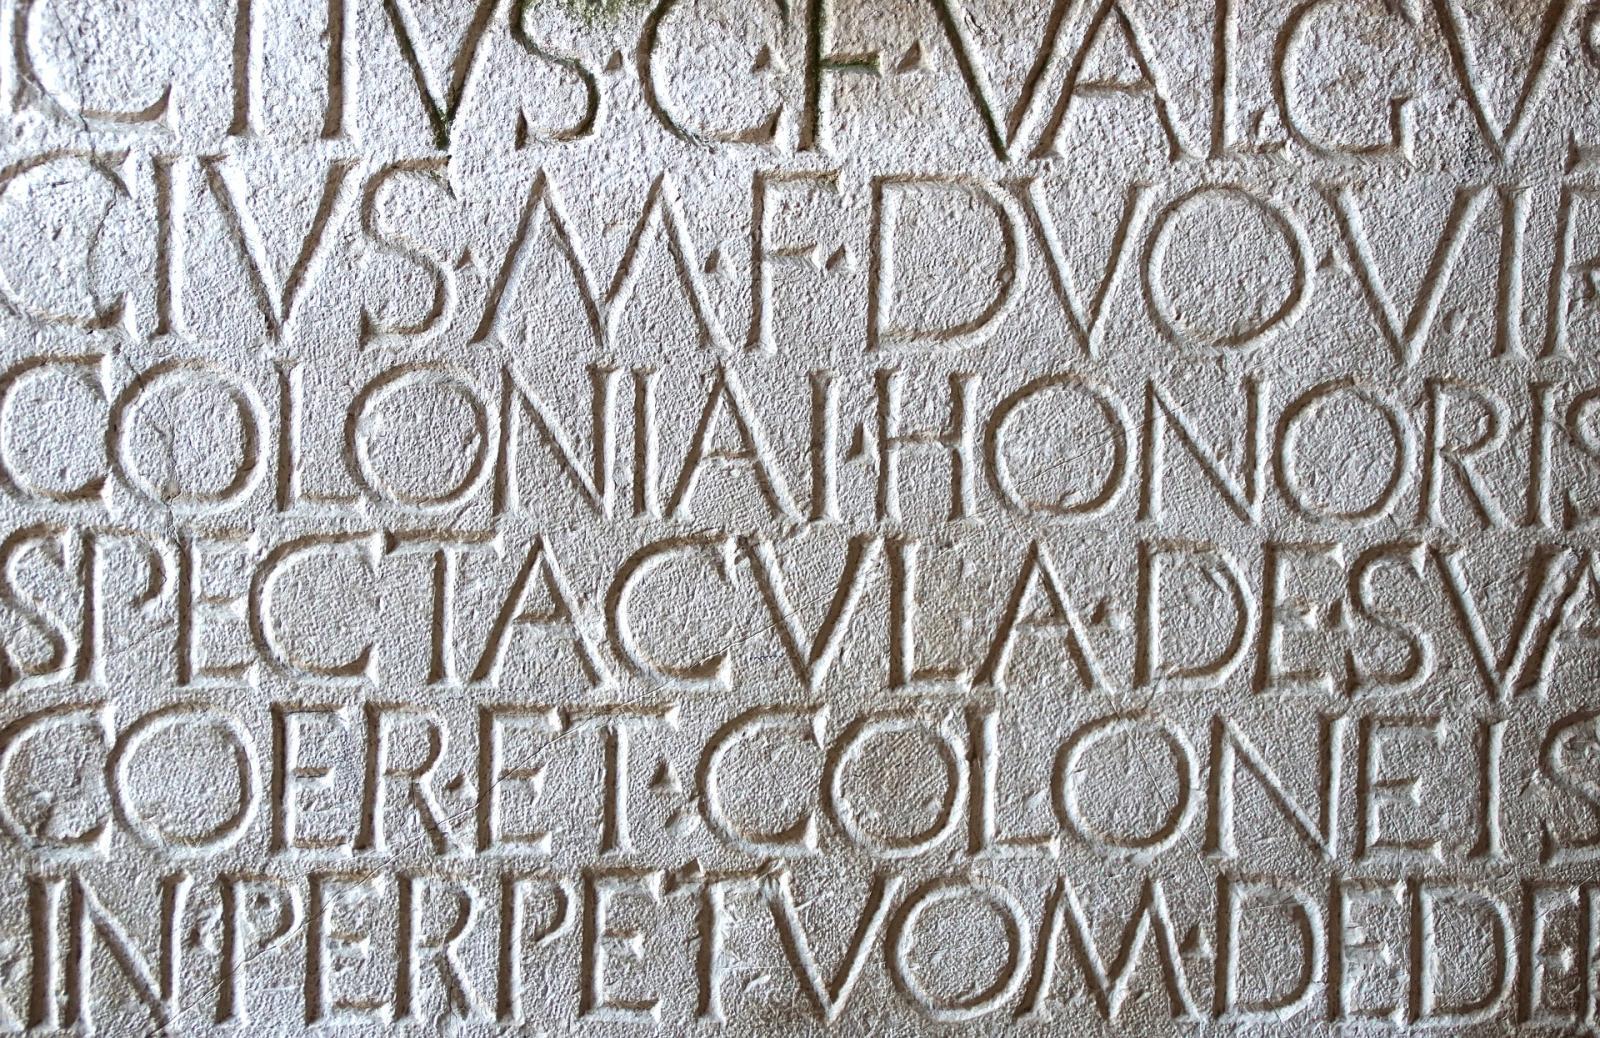 Iscrizione in latino